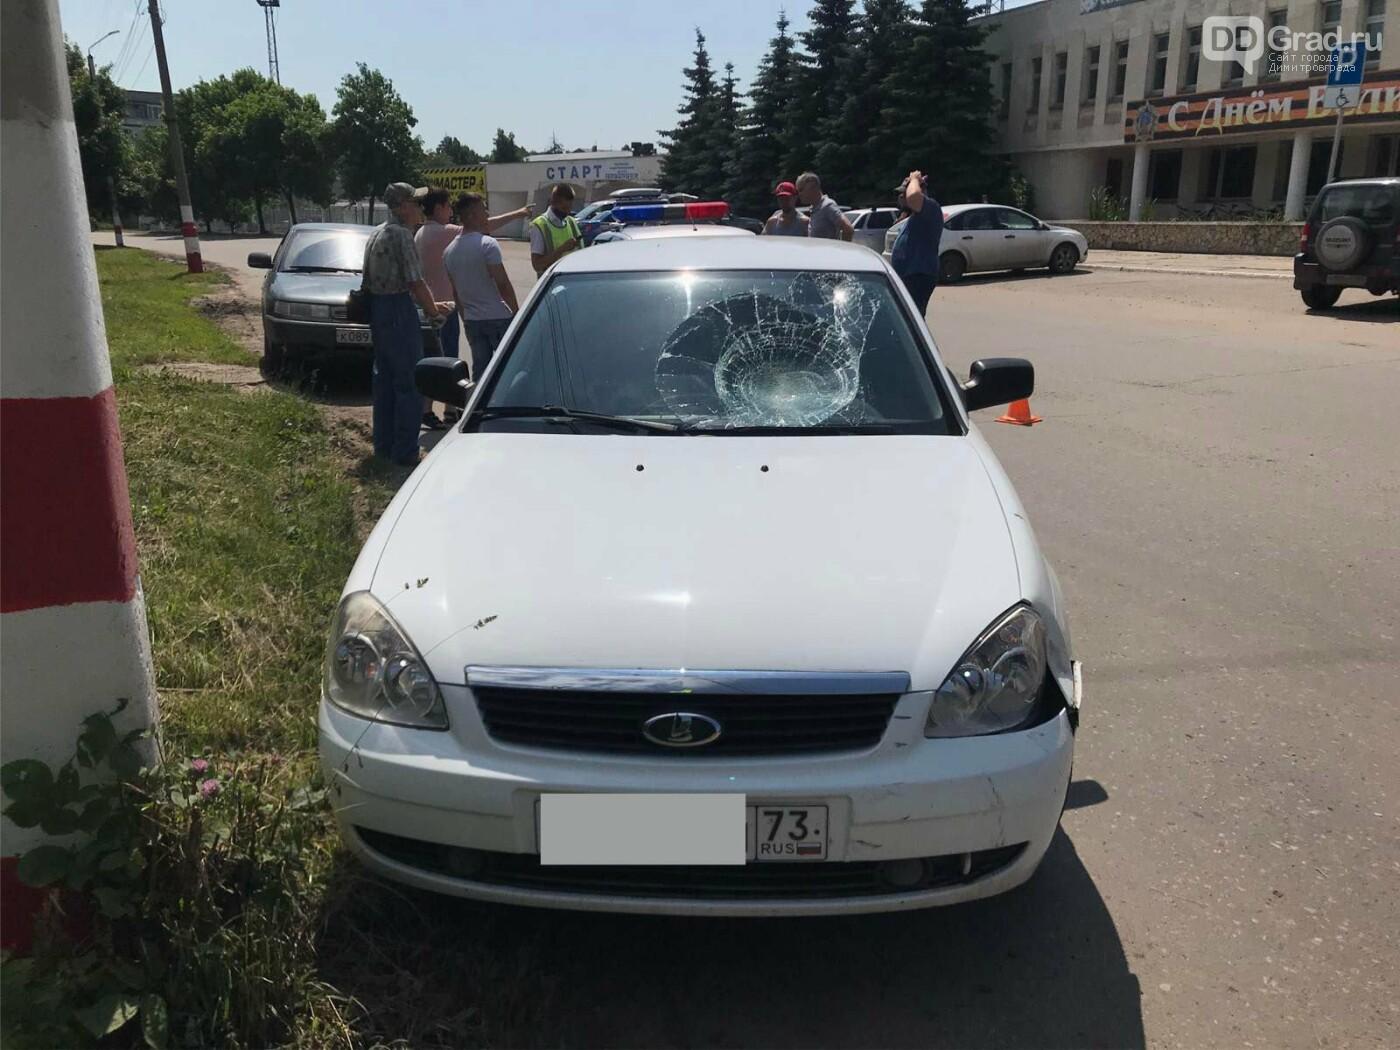 В Димитровграде случилось ДТП с участием ребенка. Фото., фото-1